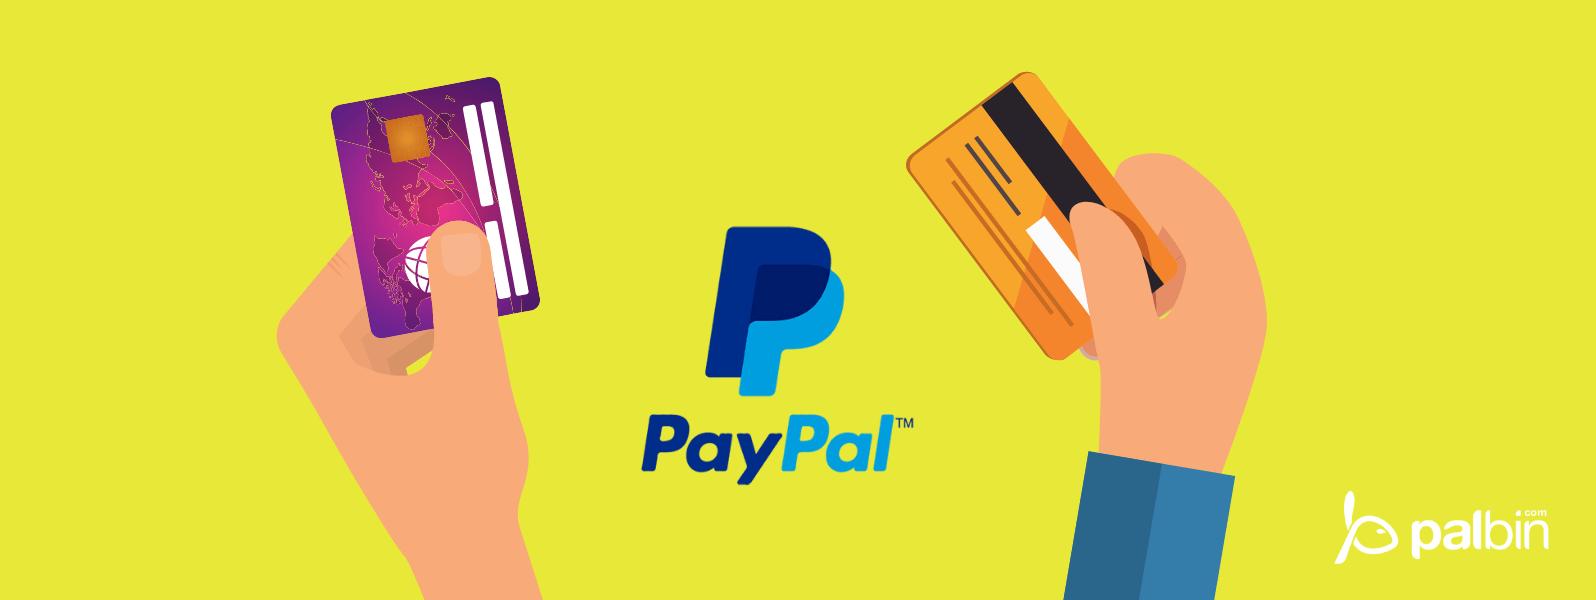 📕 Ya se puede pagar con PayPal en las tiendas y comercios físicos (offline)